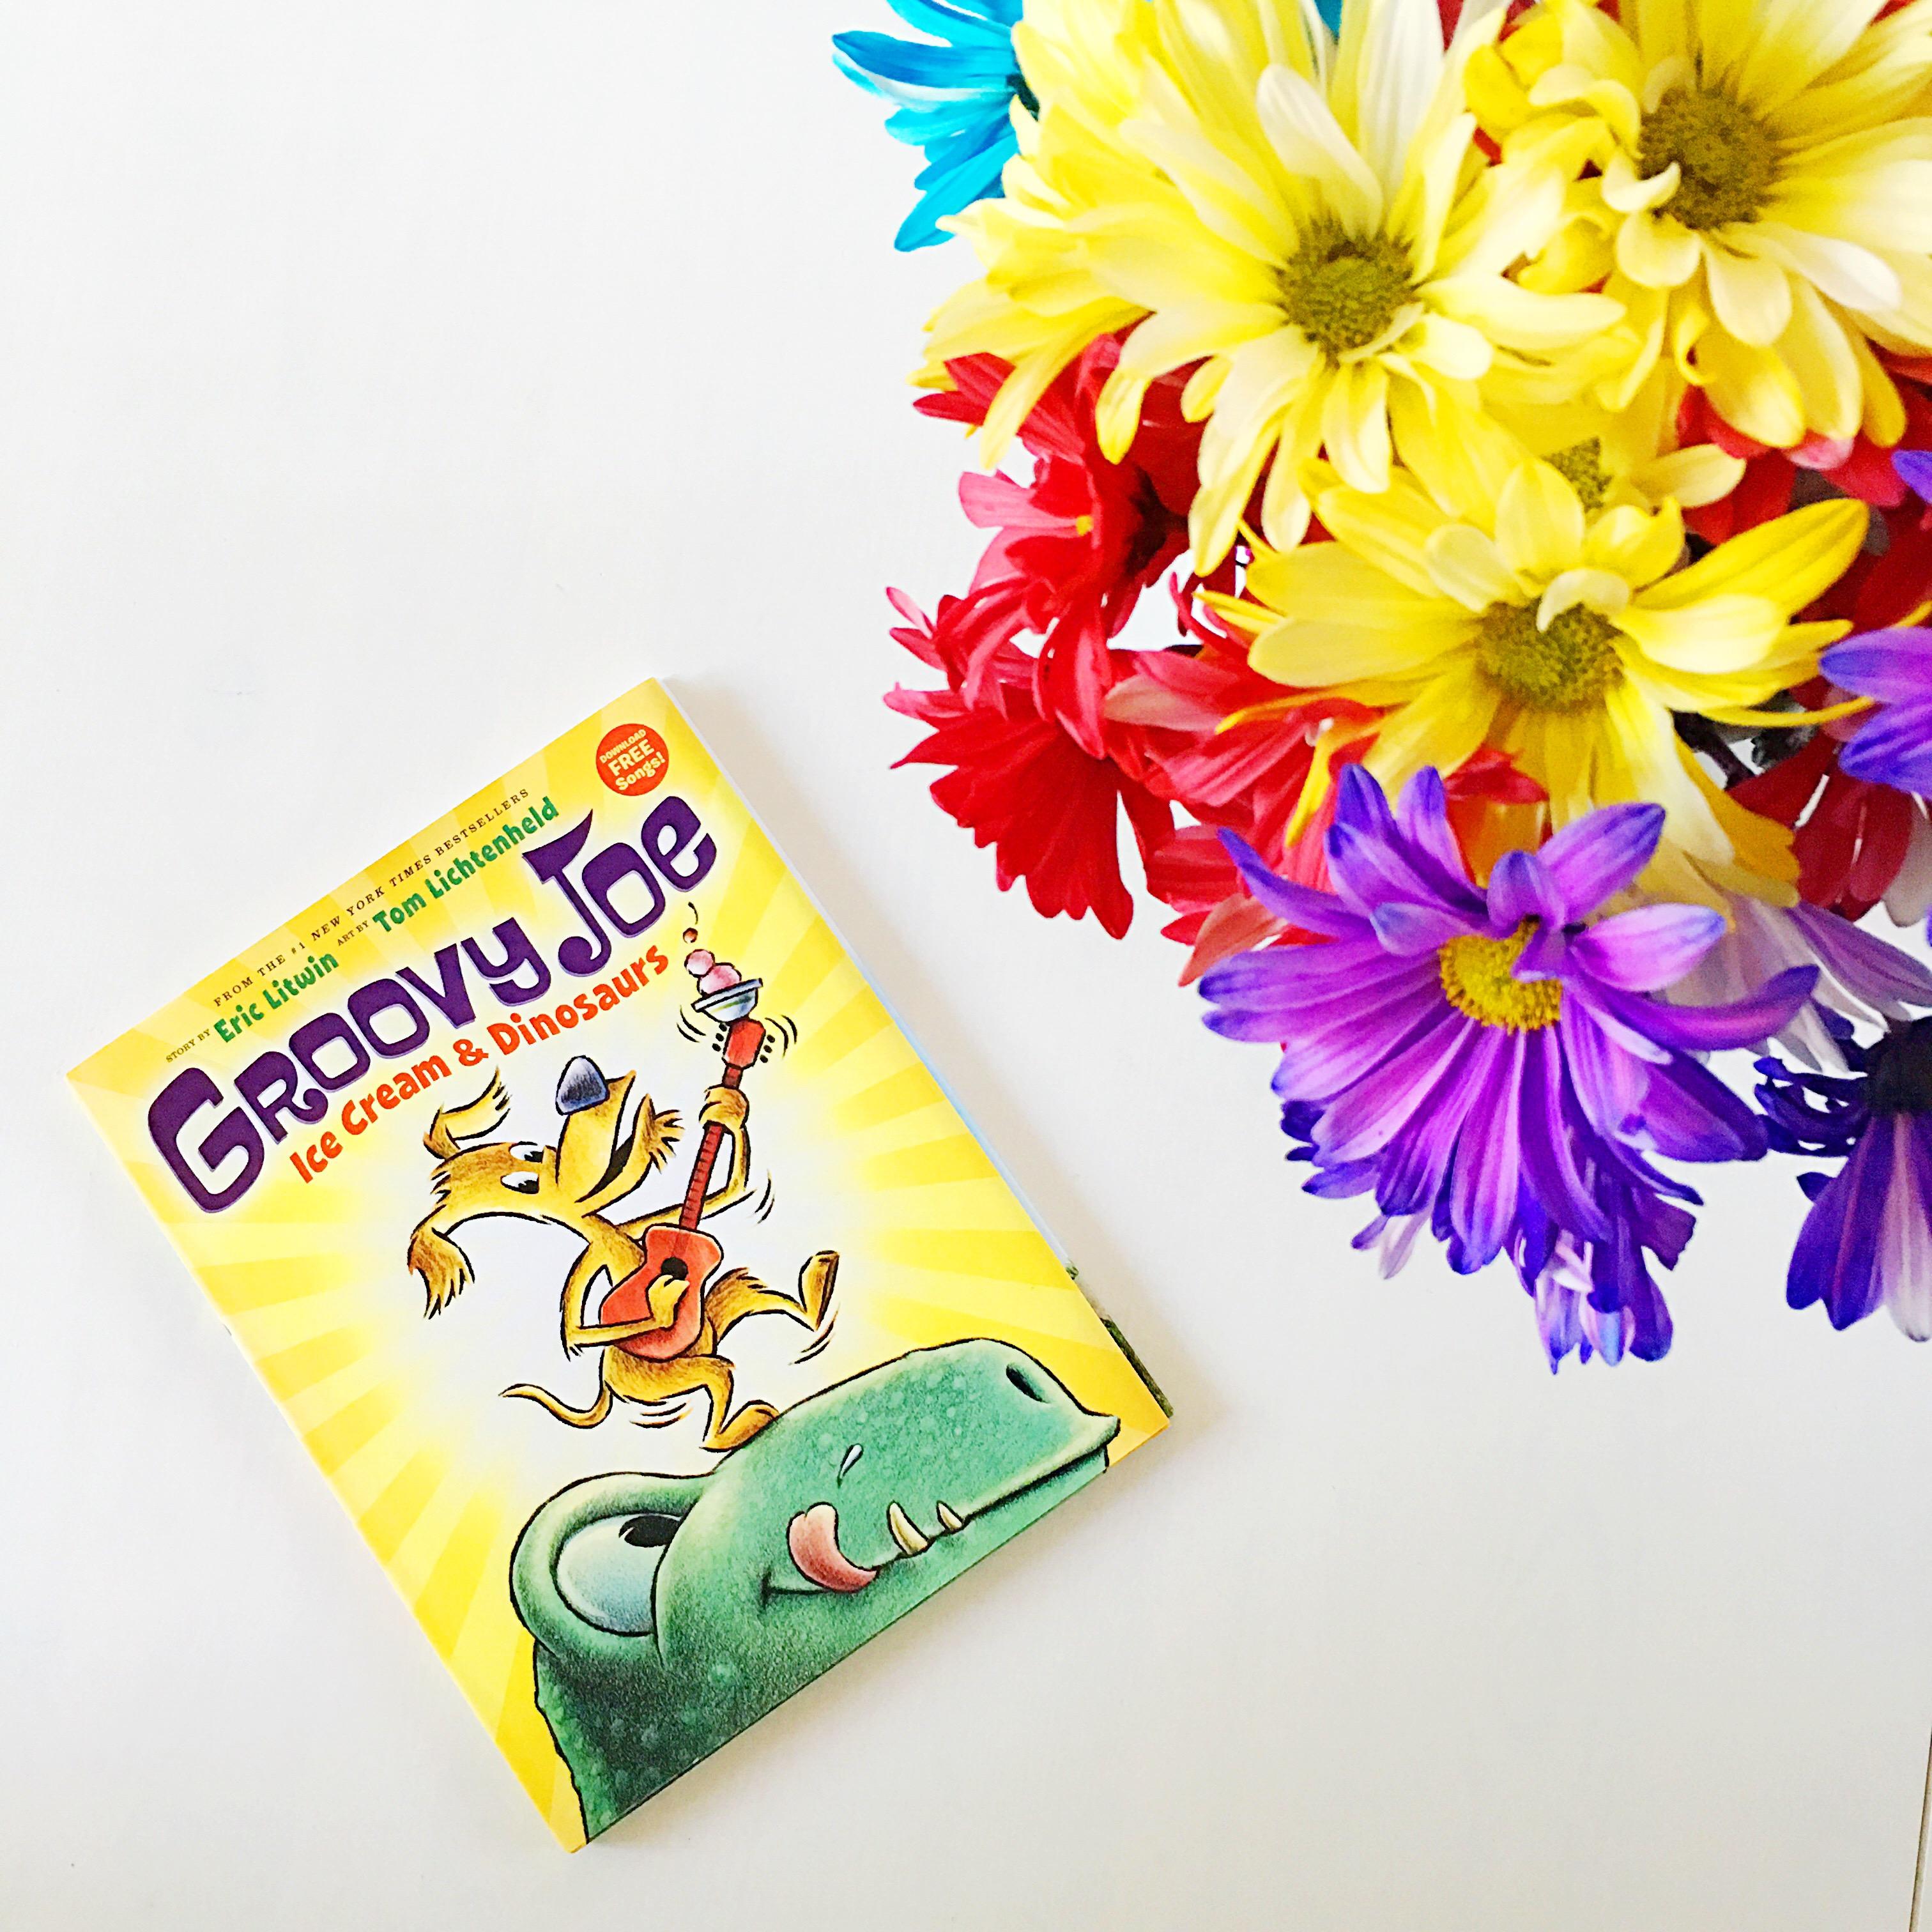 Groovy Joe: Ice Cream and Dinosaurs - LivingMiVidaloca.com